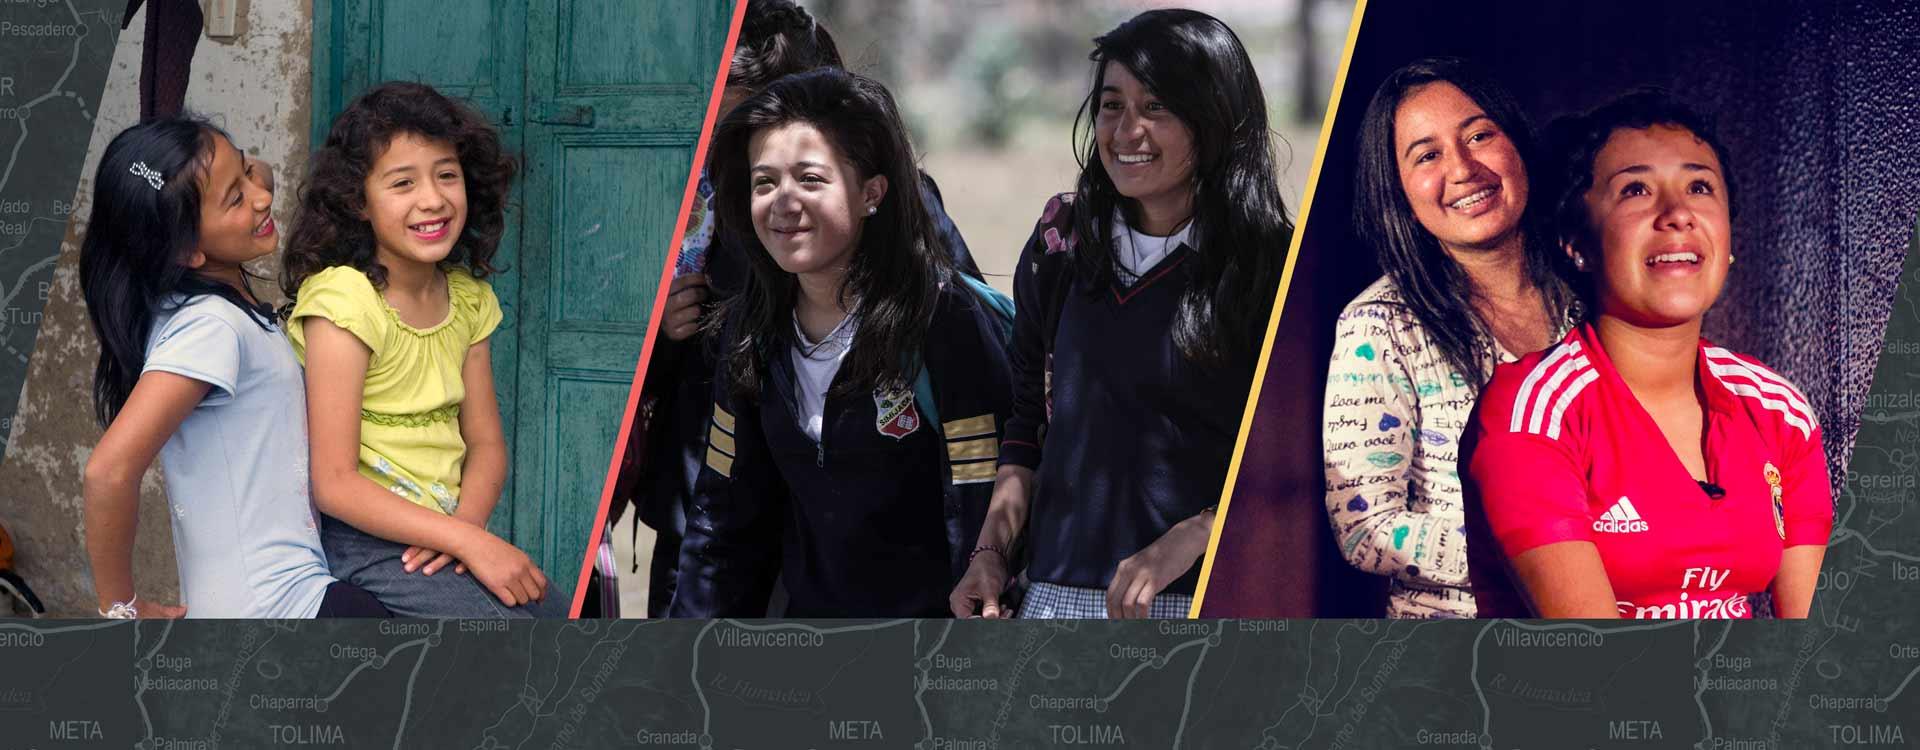 Tres fotos de las mismas niñas y sus cambios físicos durante 2010, 2013 y 2016